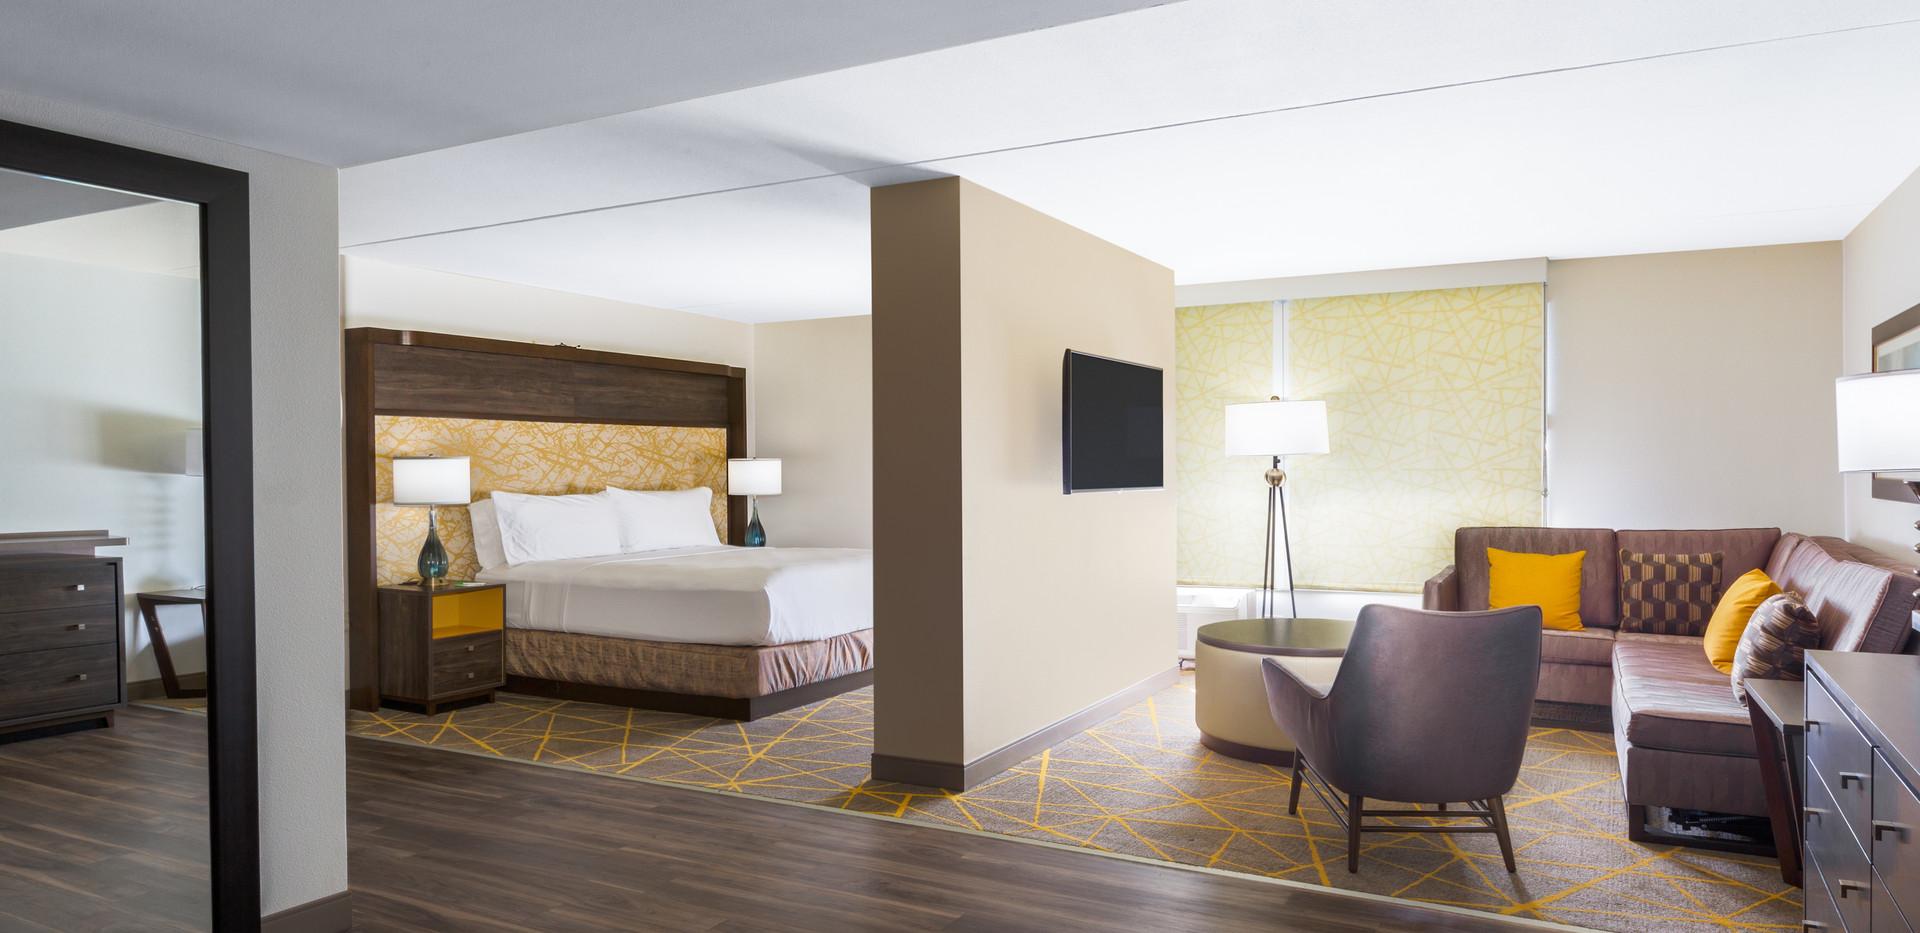 Holiday Inn La Mirada King Deluxe Room